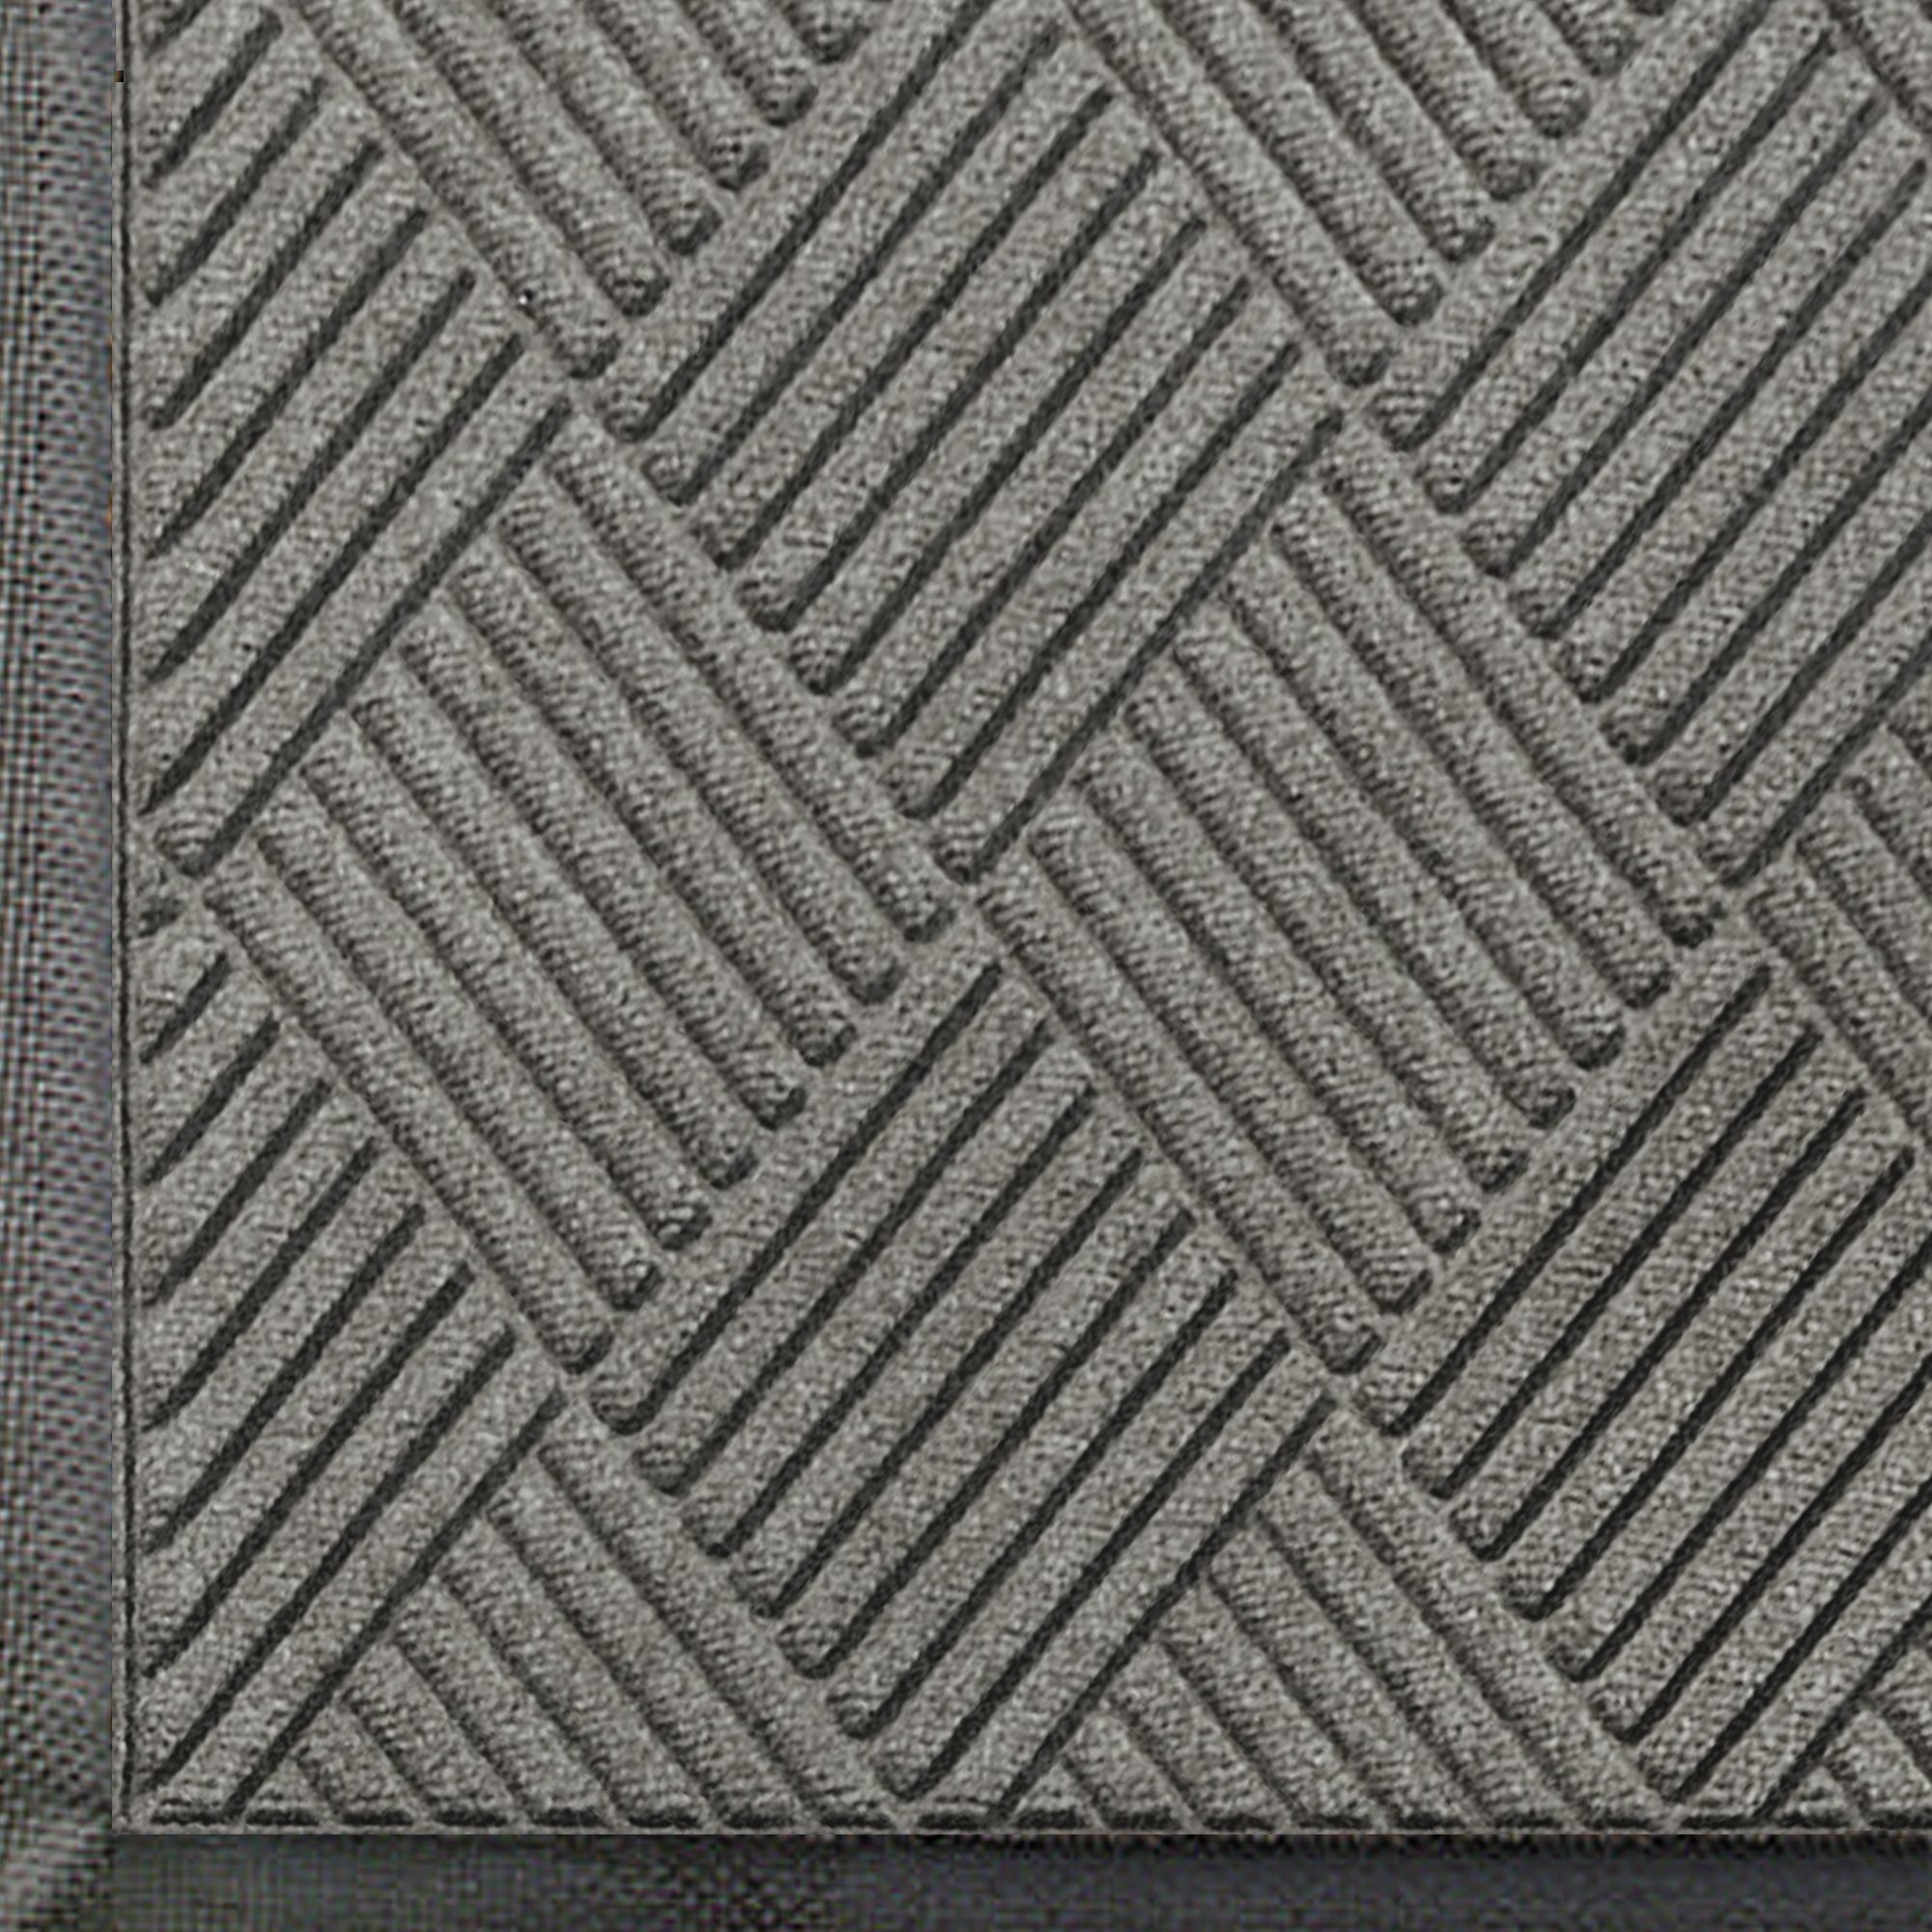 M+A Matting 208 WaterHog Classic Diamond Polypropylene Fiber Entrance Indoor/Outdoor Floor Mat, SBR Rubber Backing, 4' Length x 3' Width, 3/8'' Thick, Medium Grey